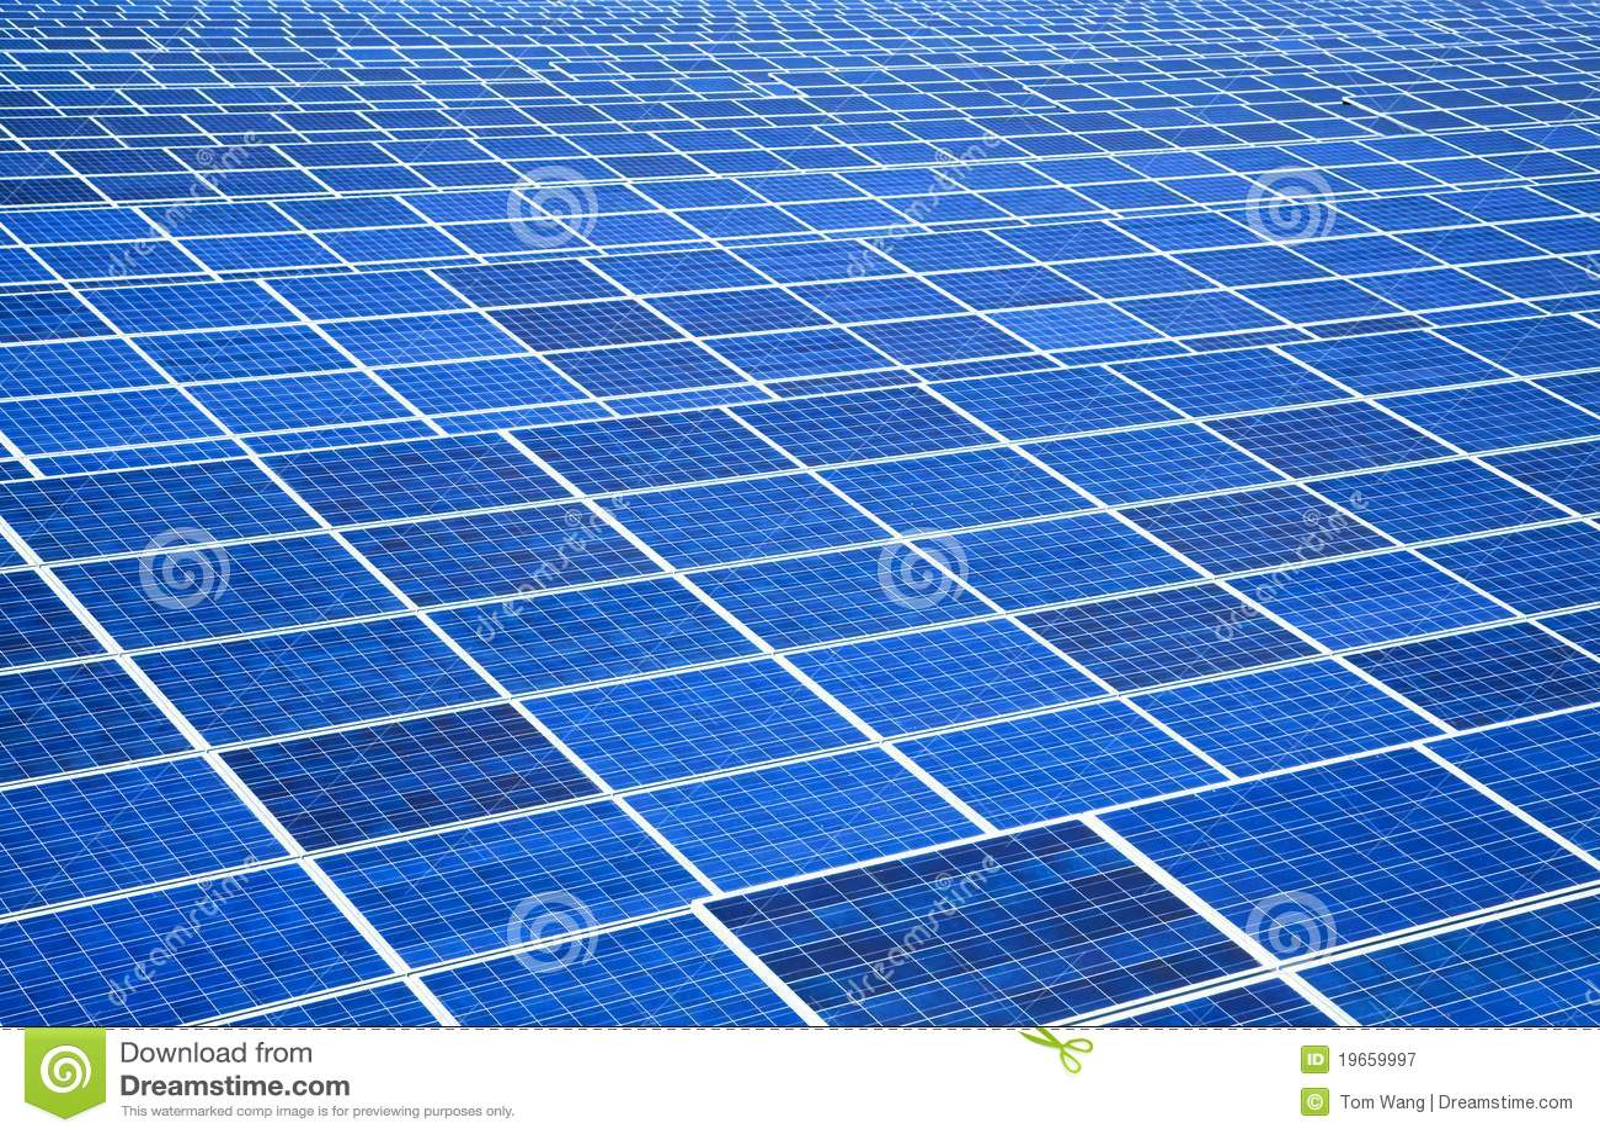 News info solar power plant design for Solar panel blueprint